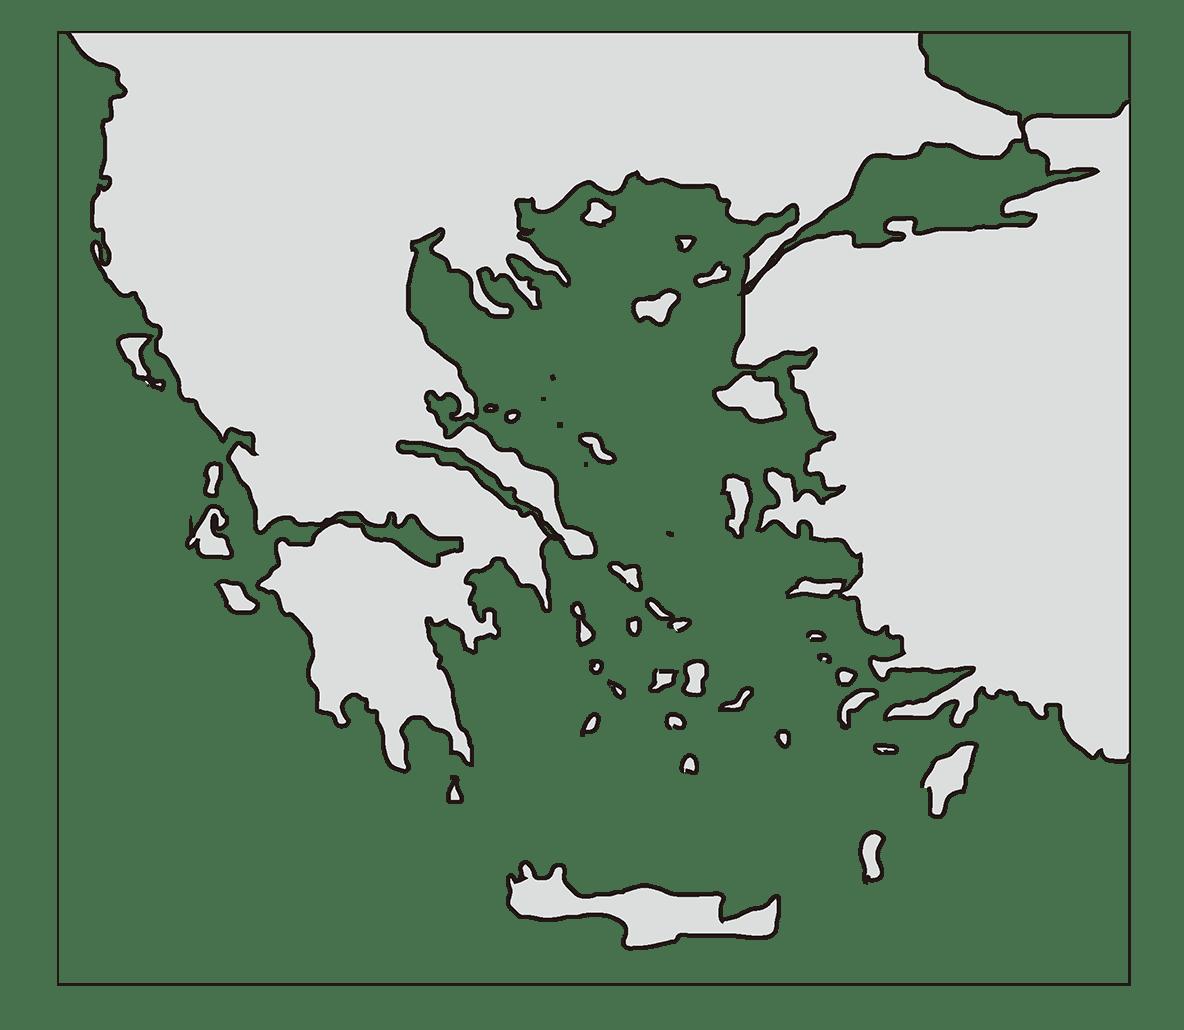 高校世界史 ギリシア世界0 右ページ上部の地図